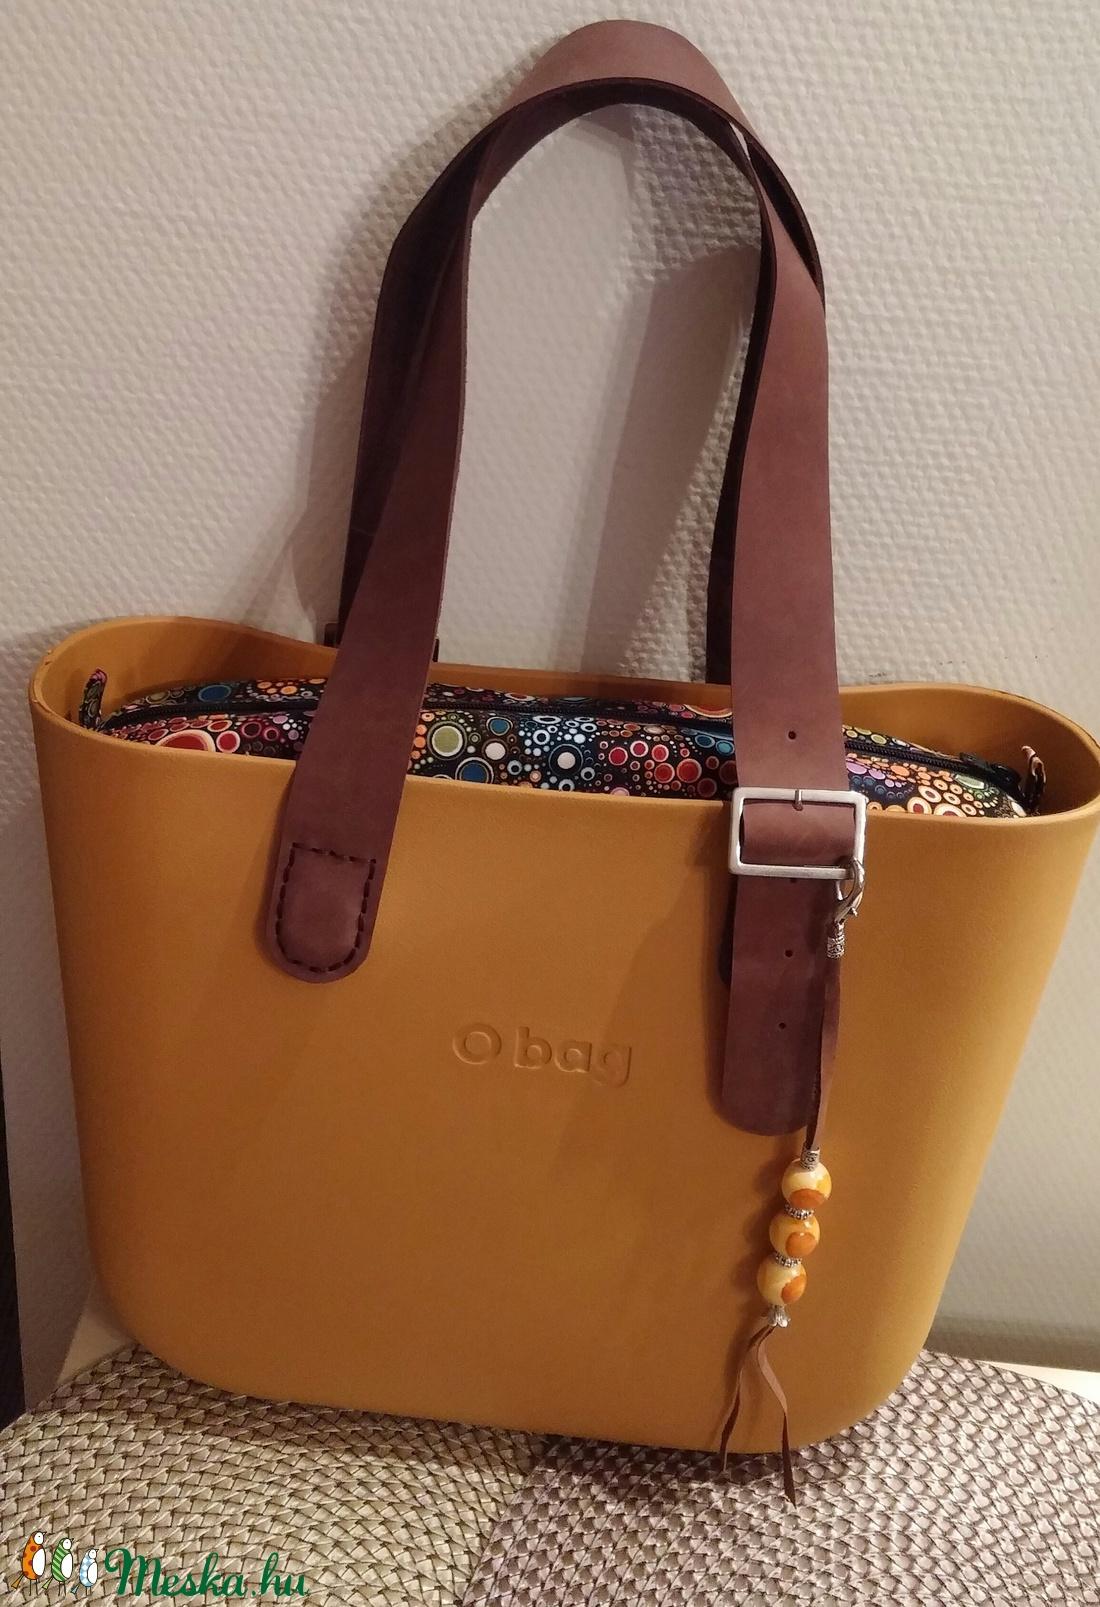 AKCIÓ!!!O bag táskadísz színes fagolyókkal és fémdíszekkel - táska & tok - kulcstartó & táskadísz - táskadísz - Meska.hu